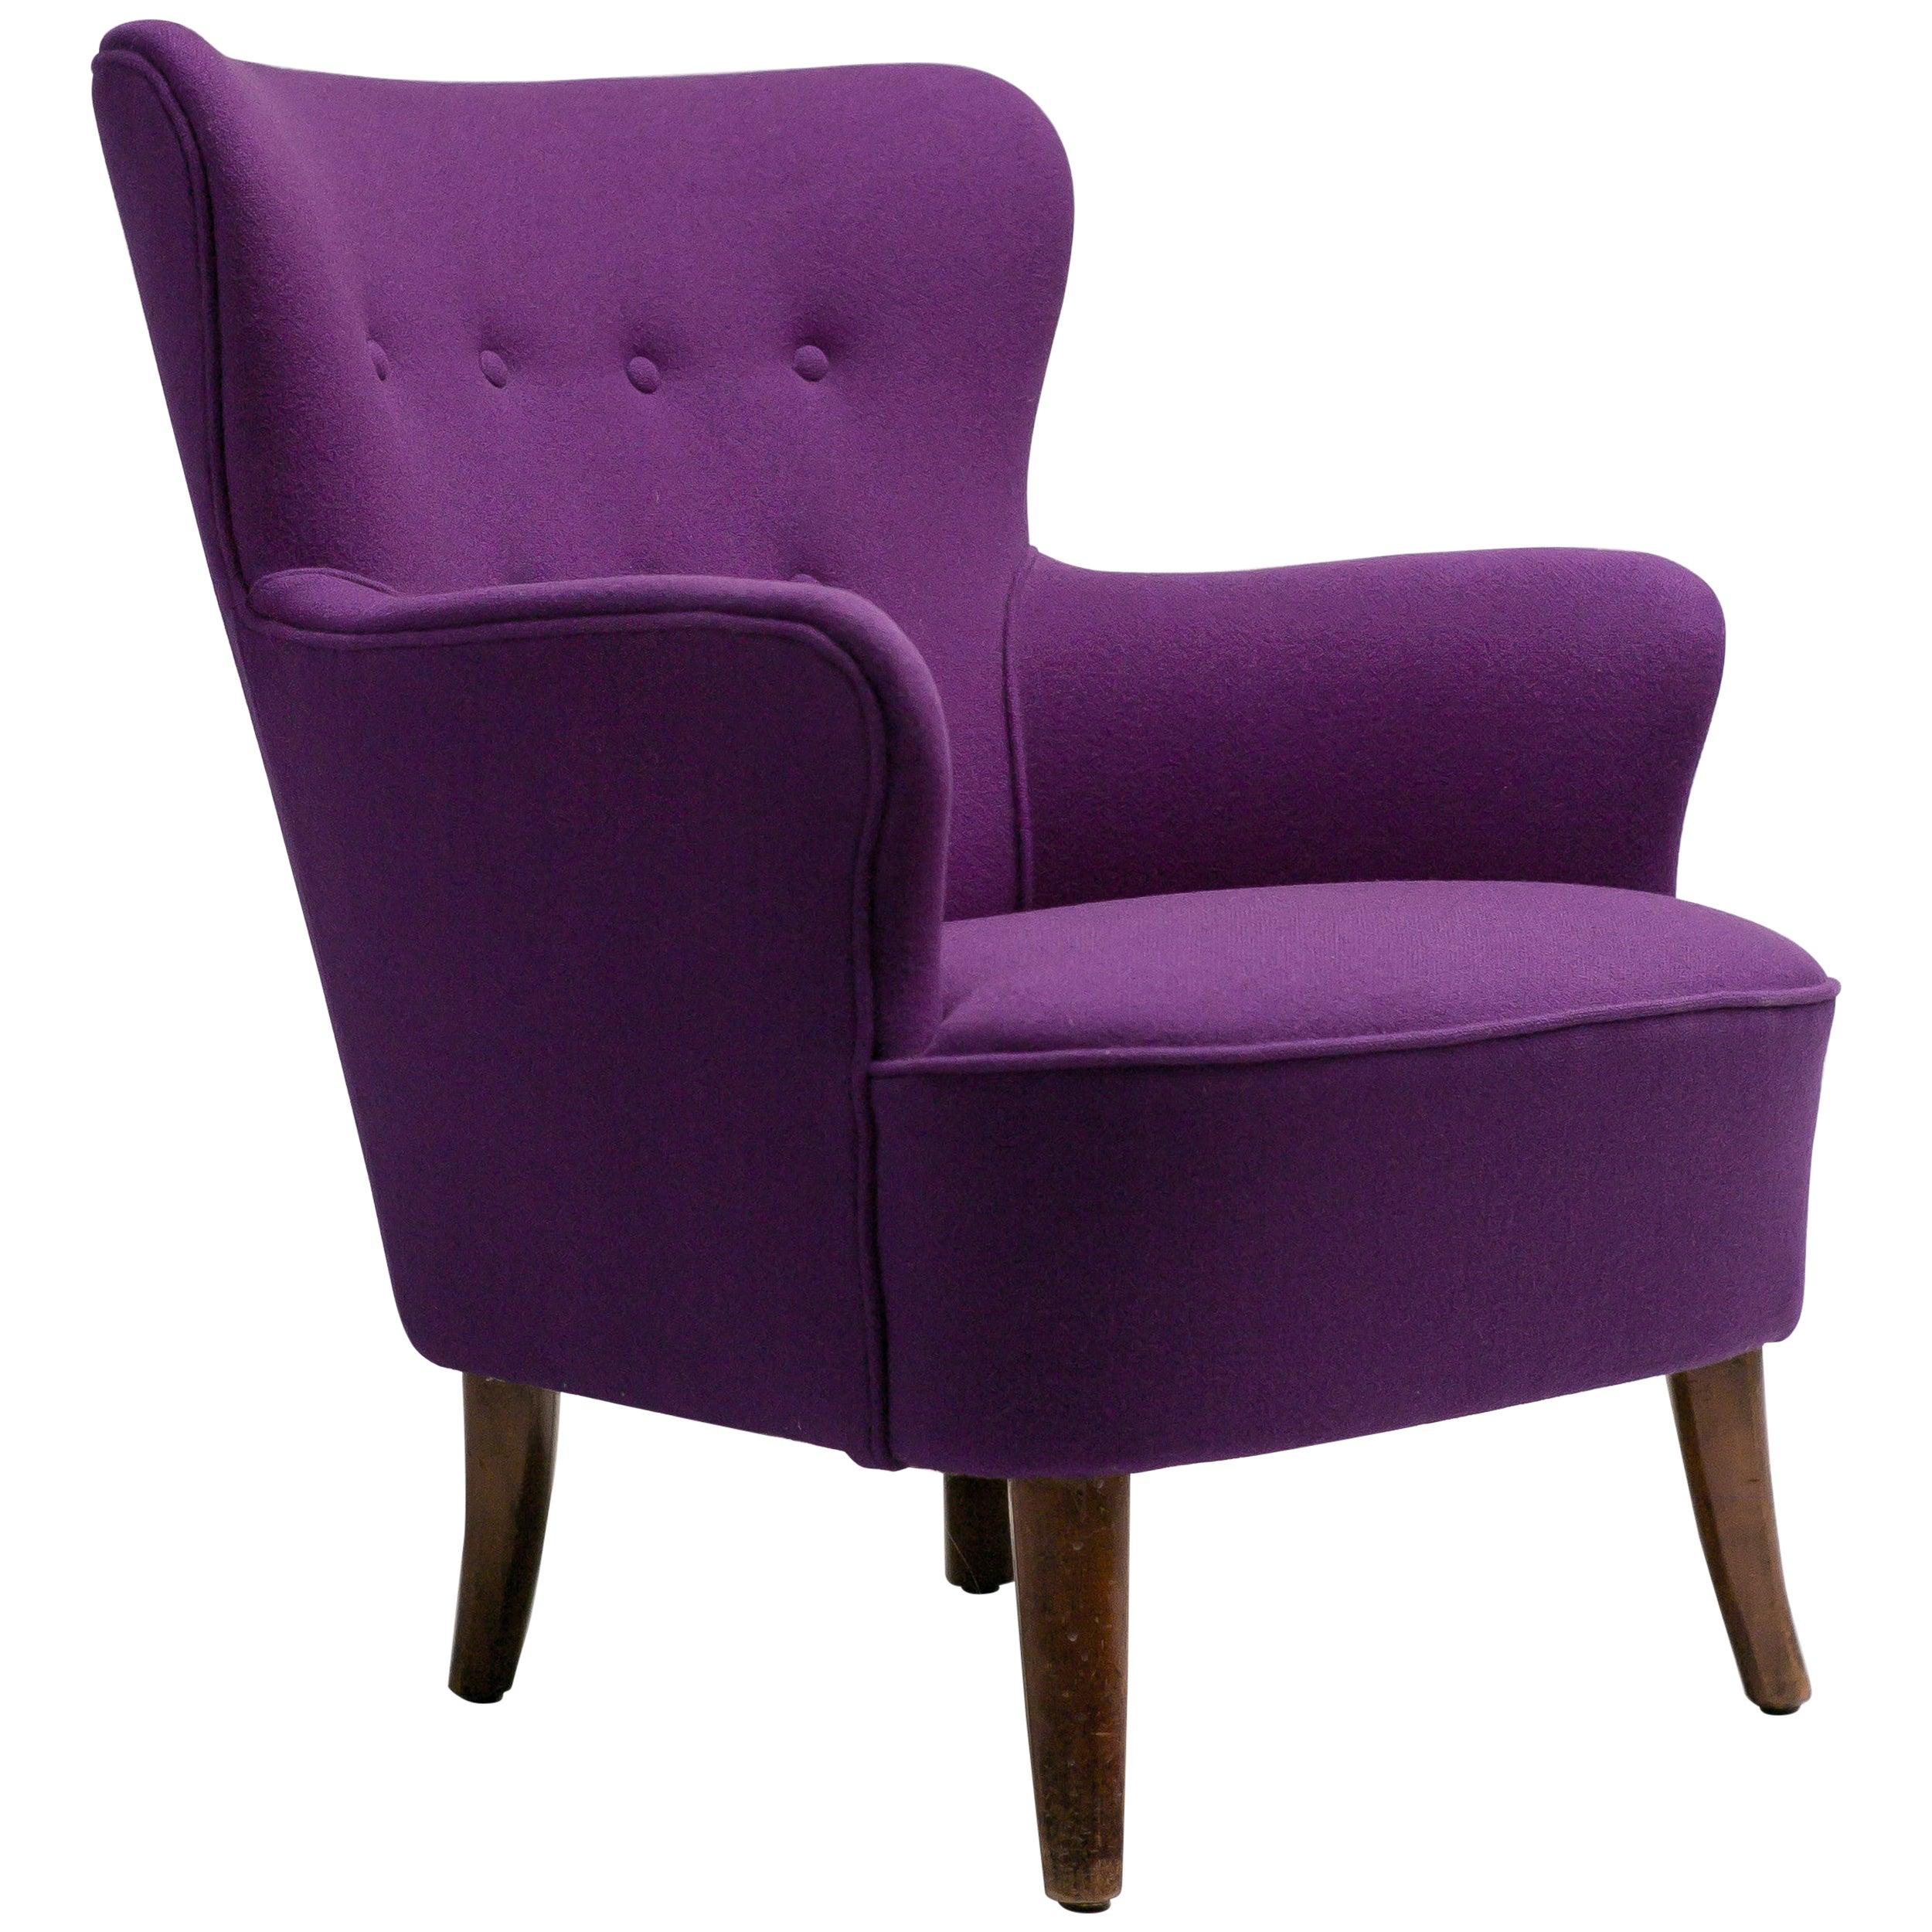 Theo Ruth Lounge Chair